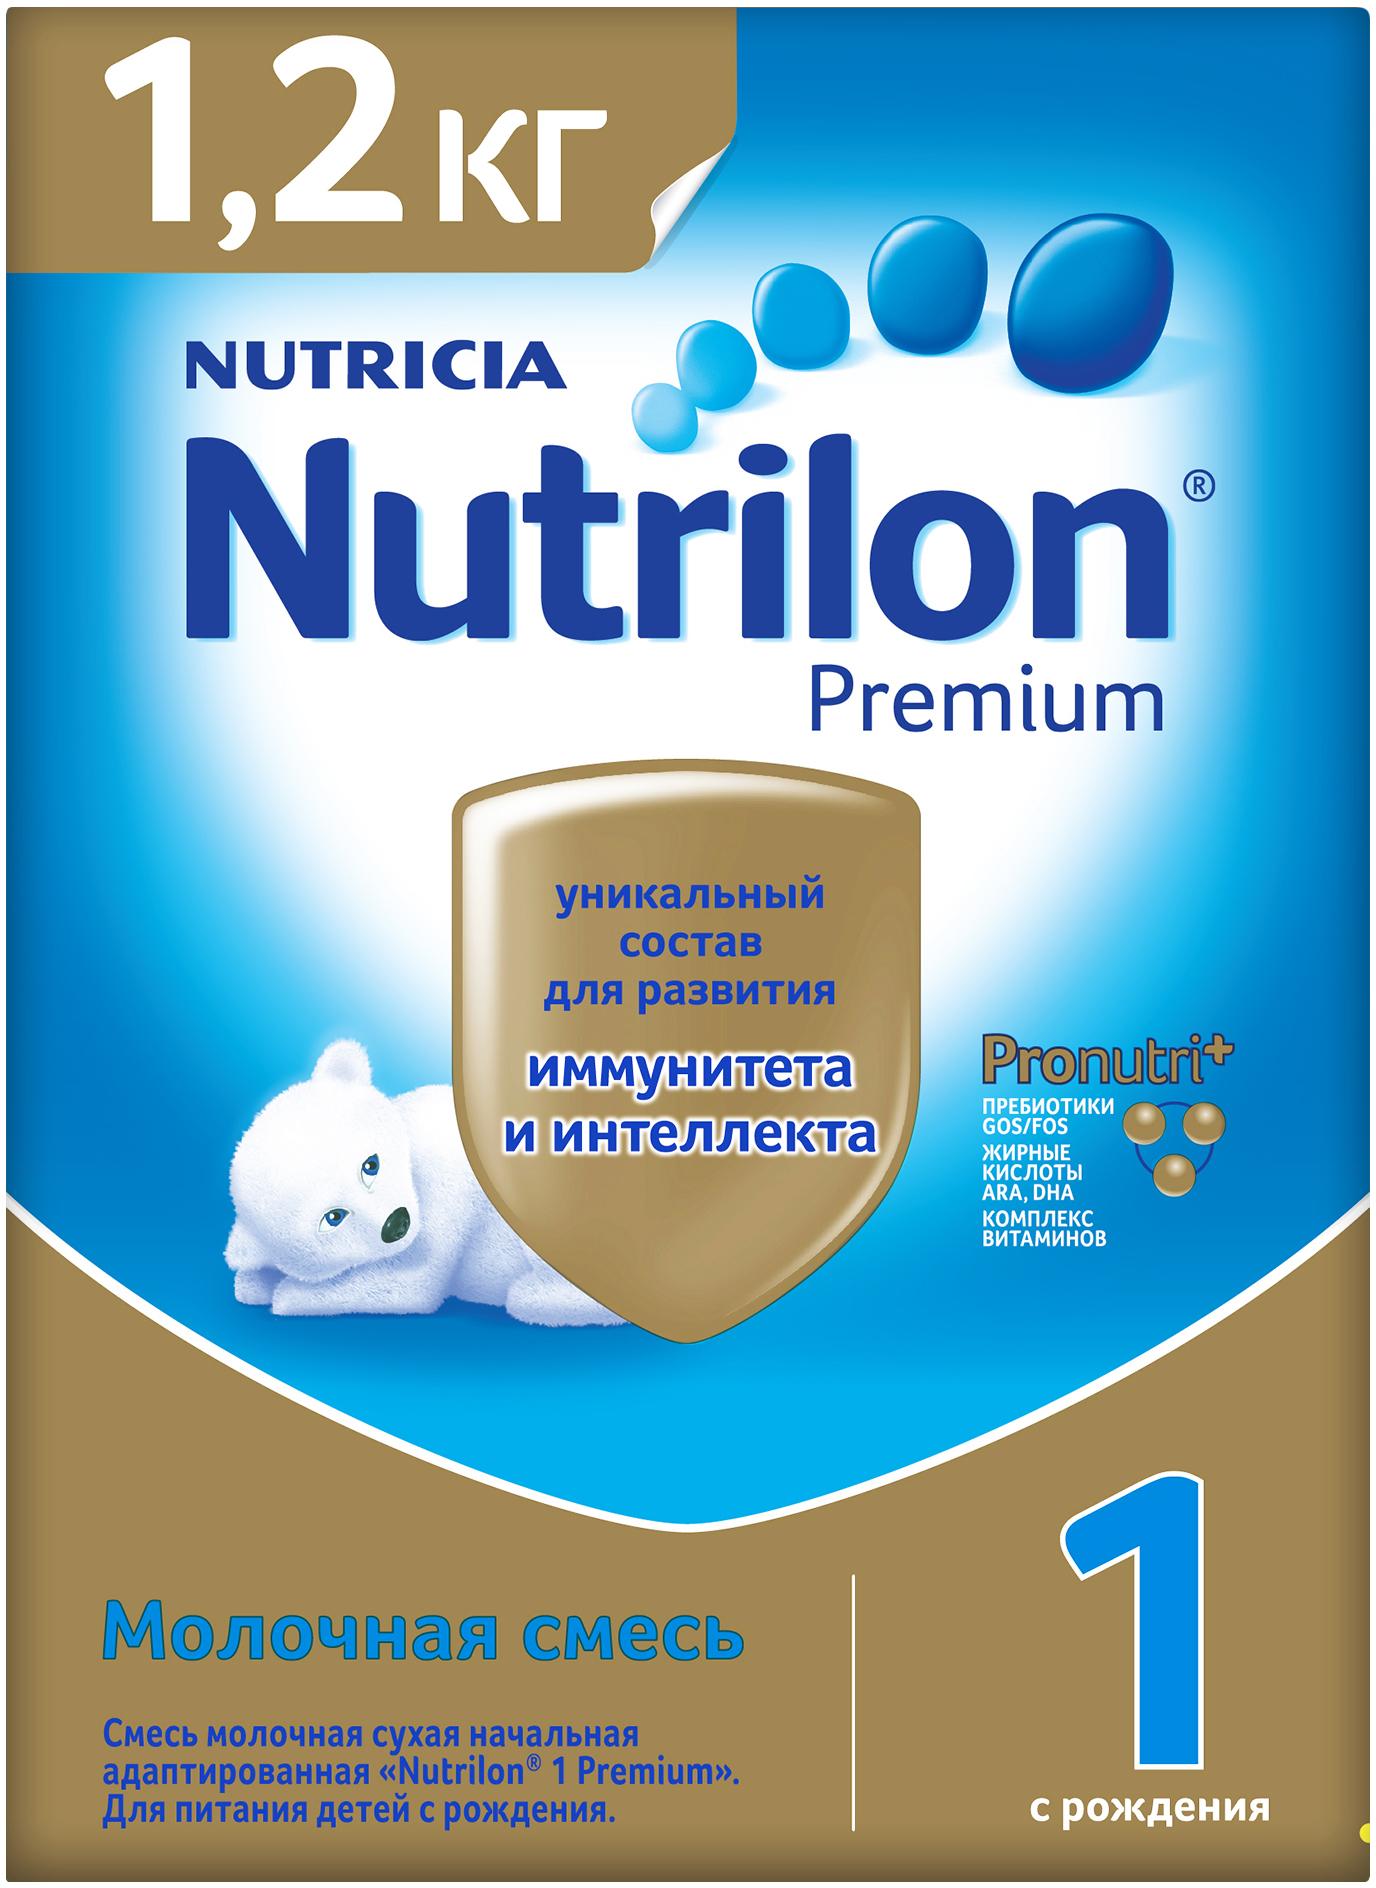 Молочная смесь Nutrilon Nutrilon (Nutricia) 1 Premium (c рождения) 1200 г gos